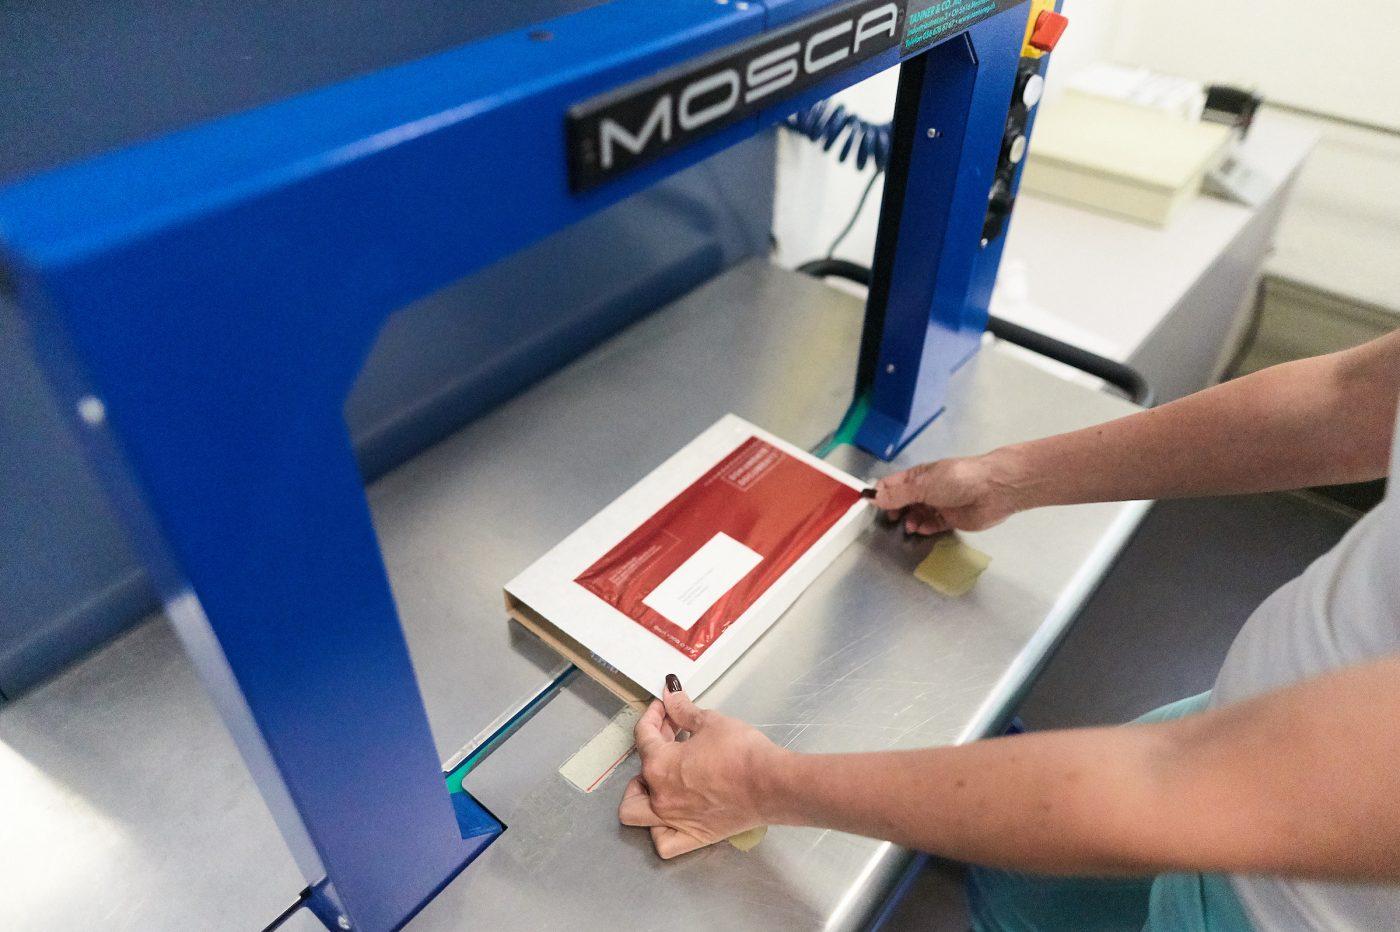 Briefe Falten Und Eintüten Maschine : Verpacken mailing züriwerk